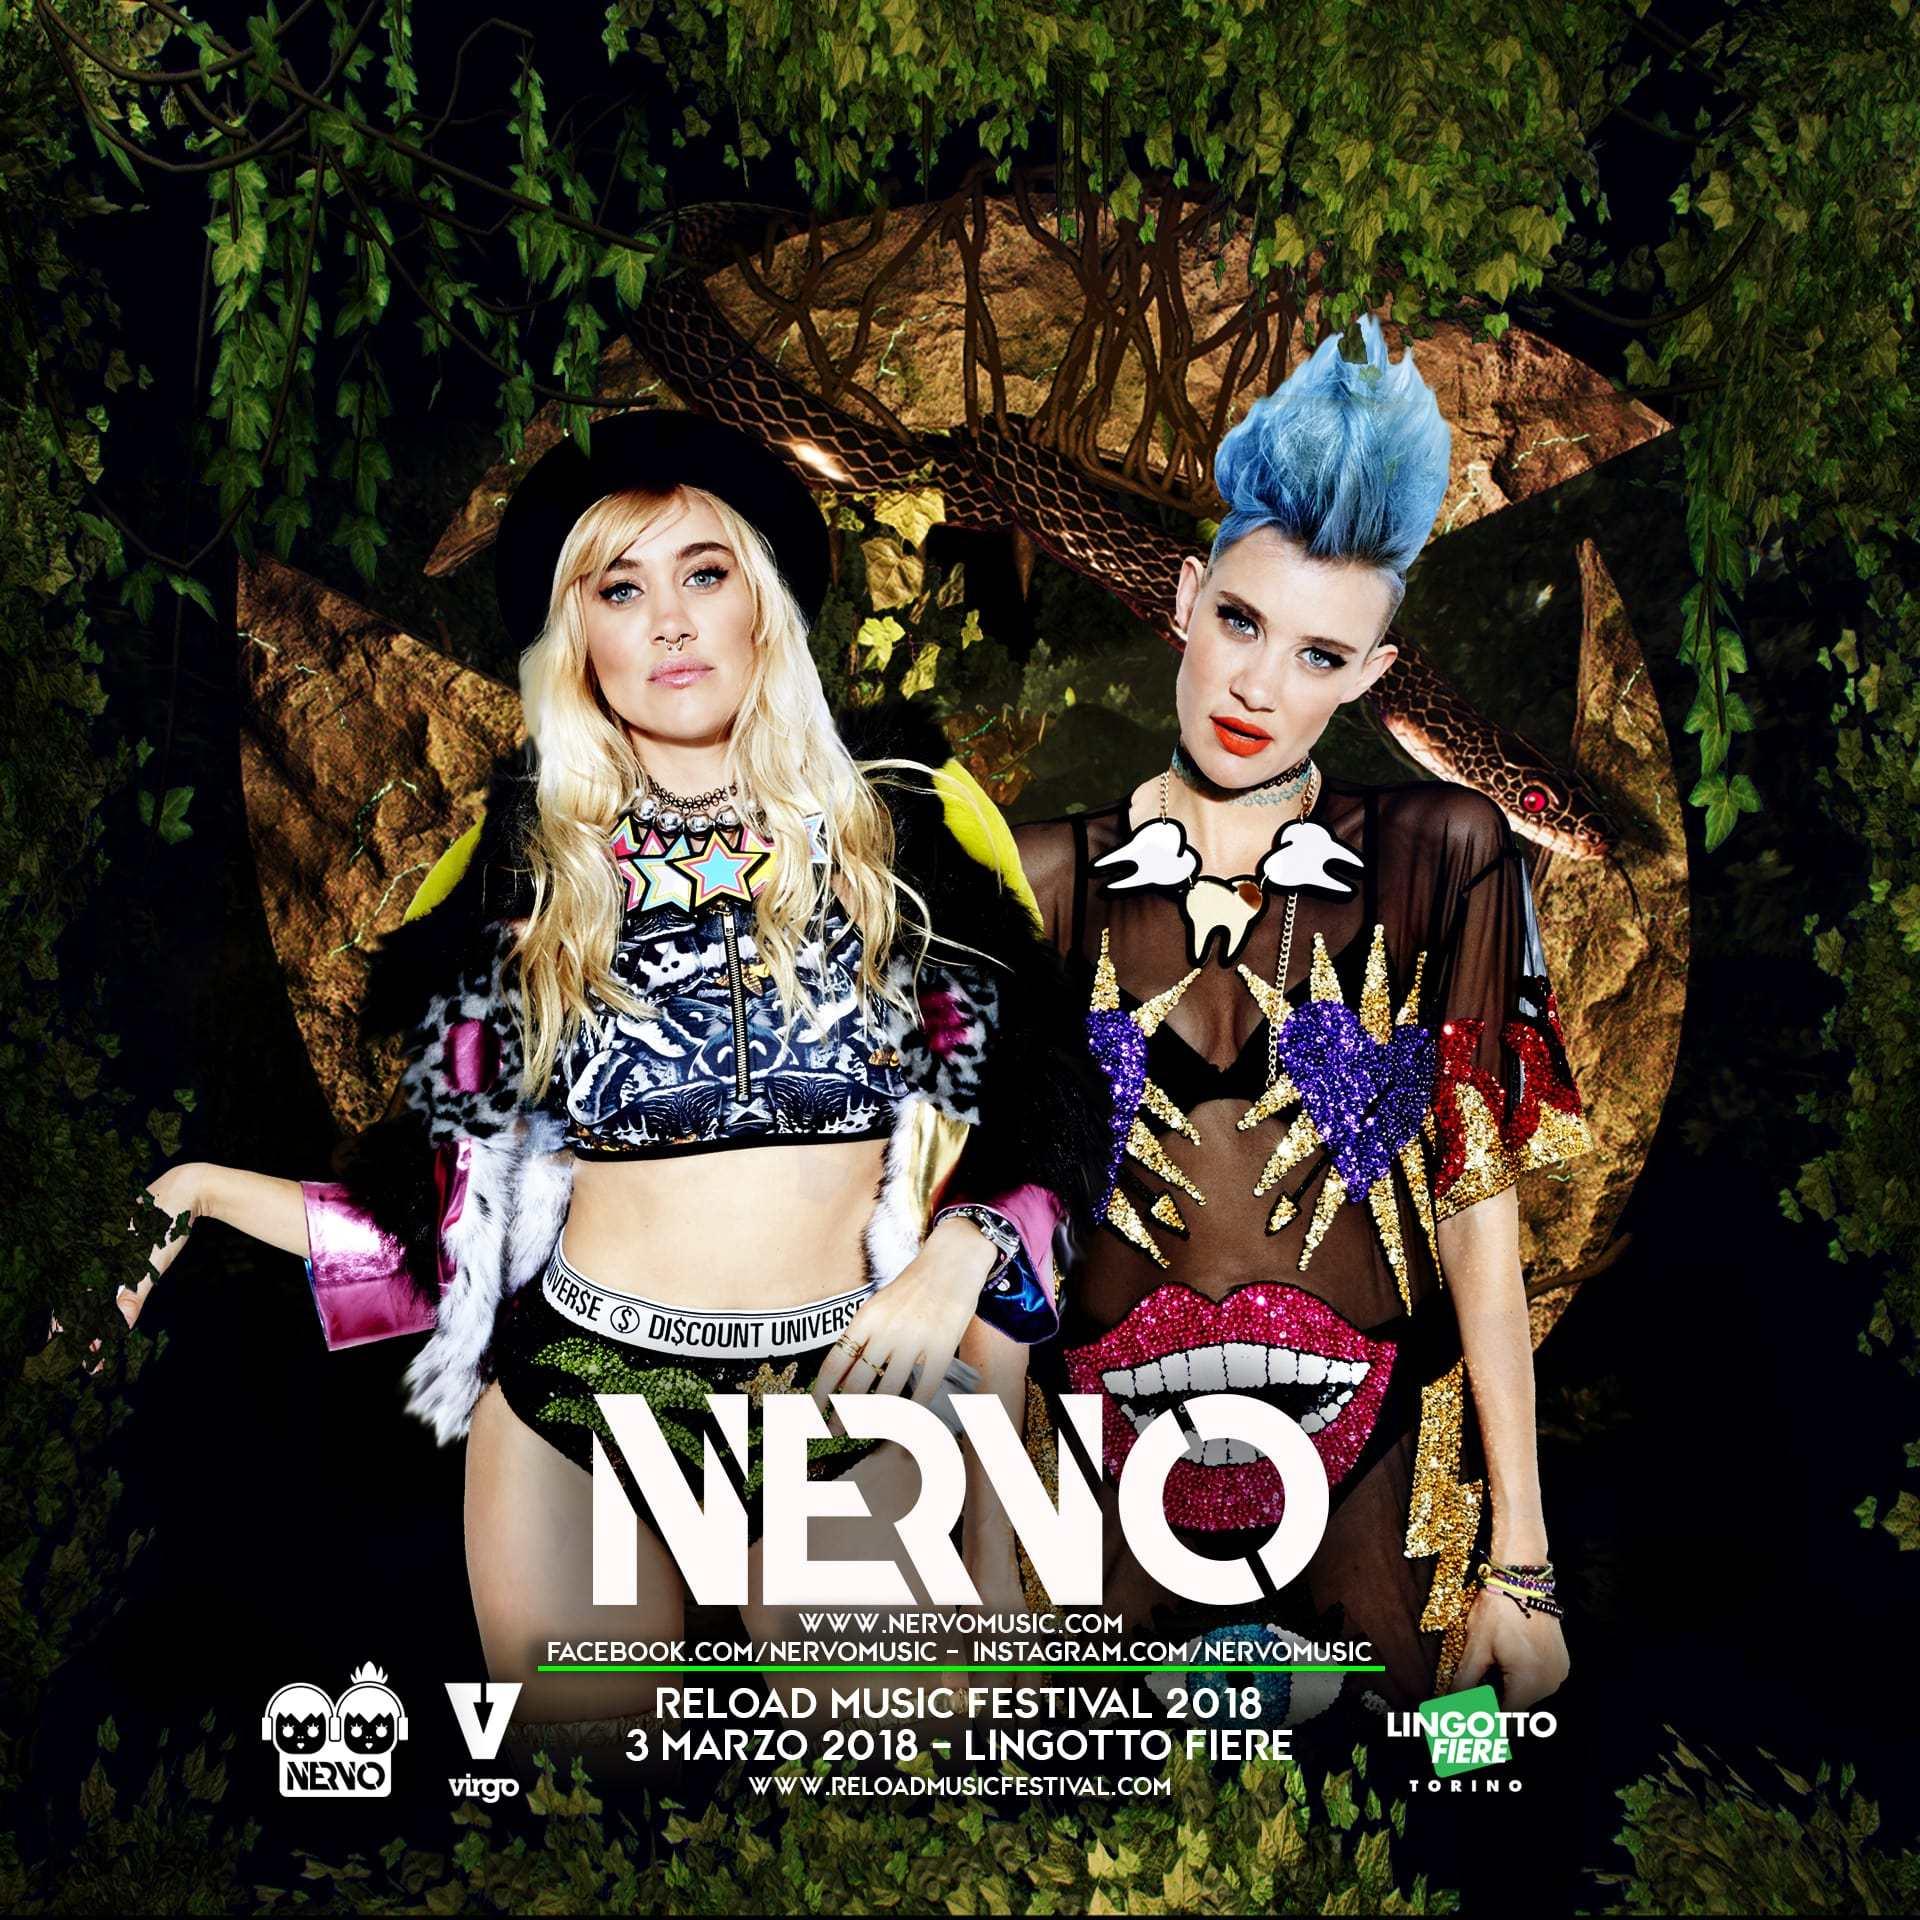 Reload Music Festival 2018 Nervo